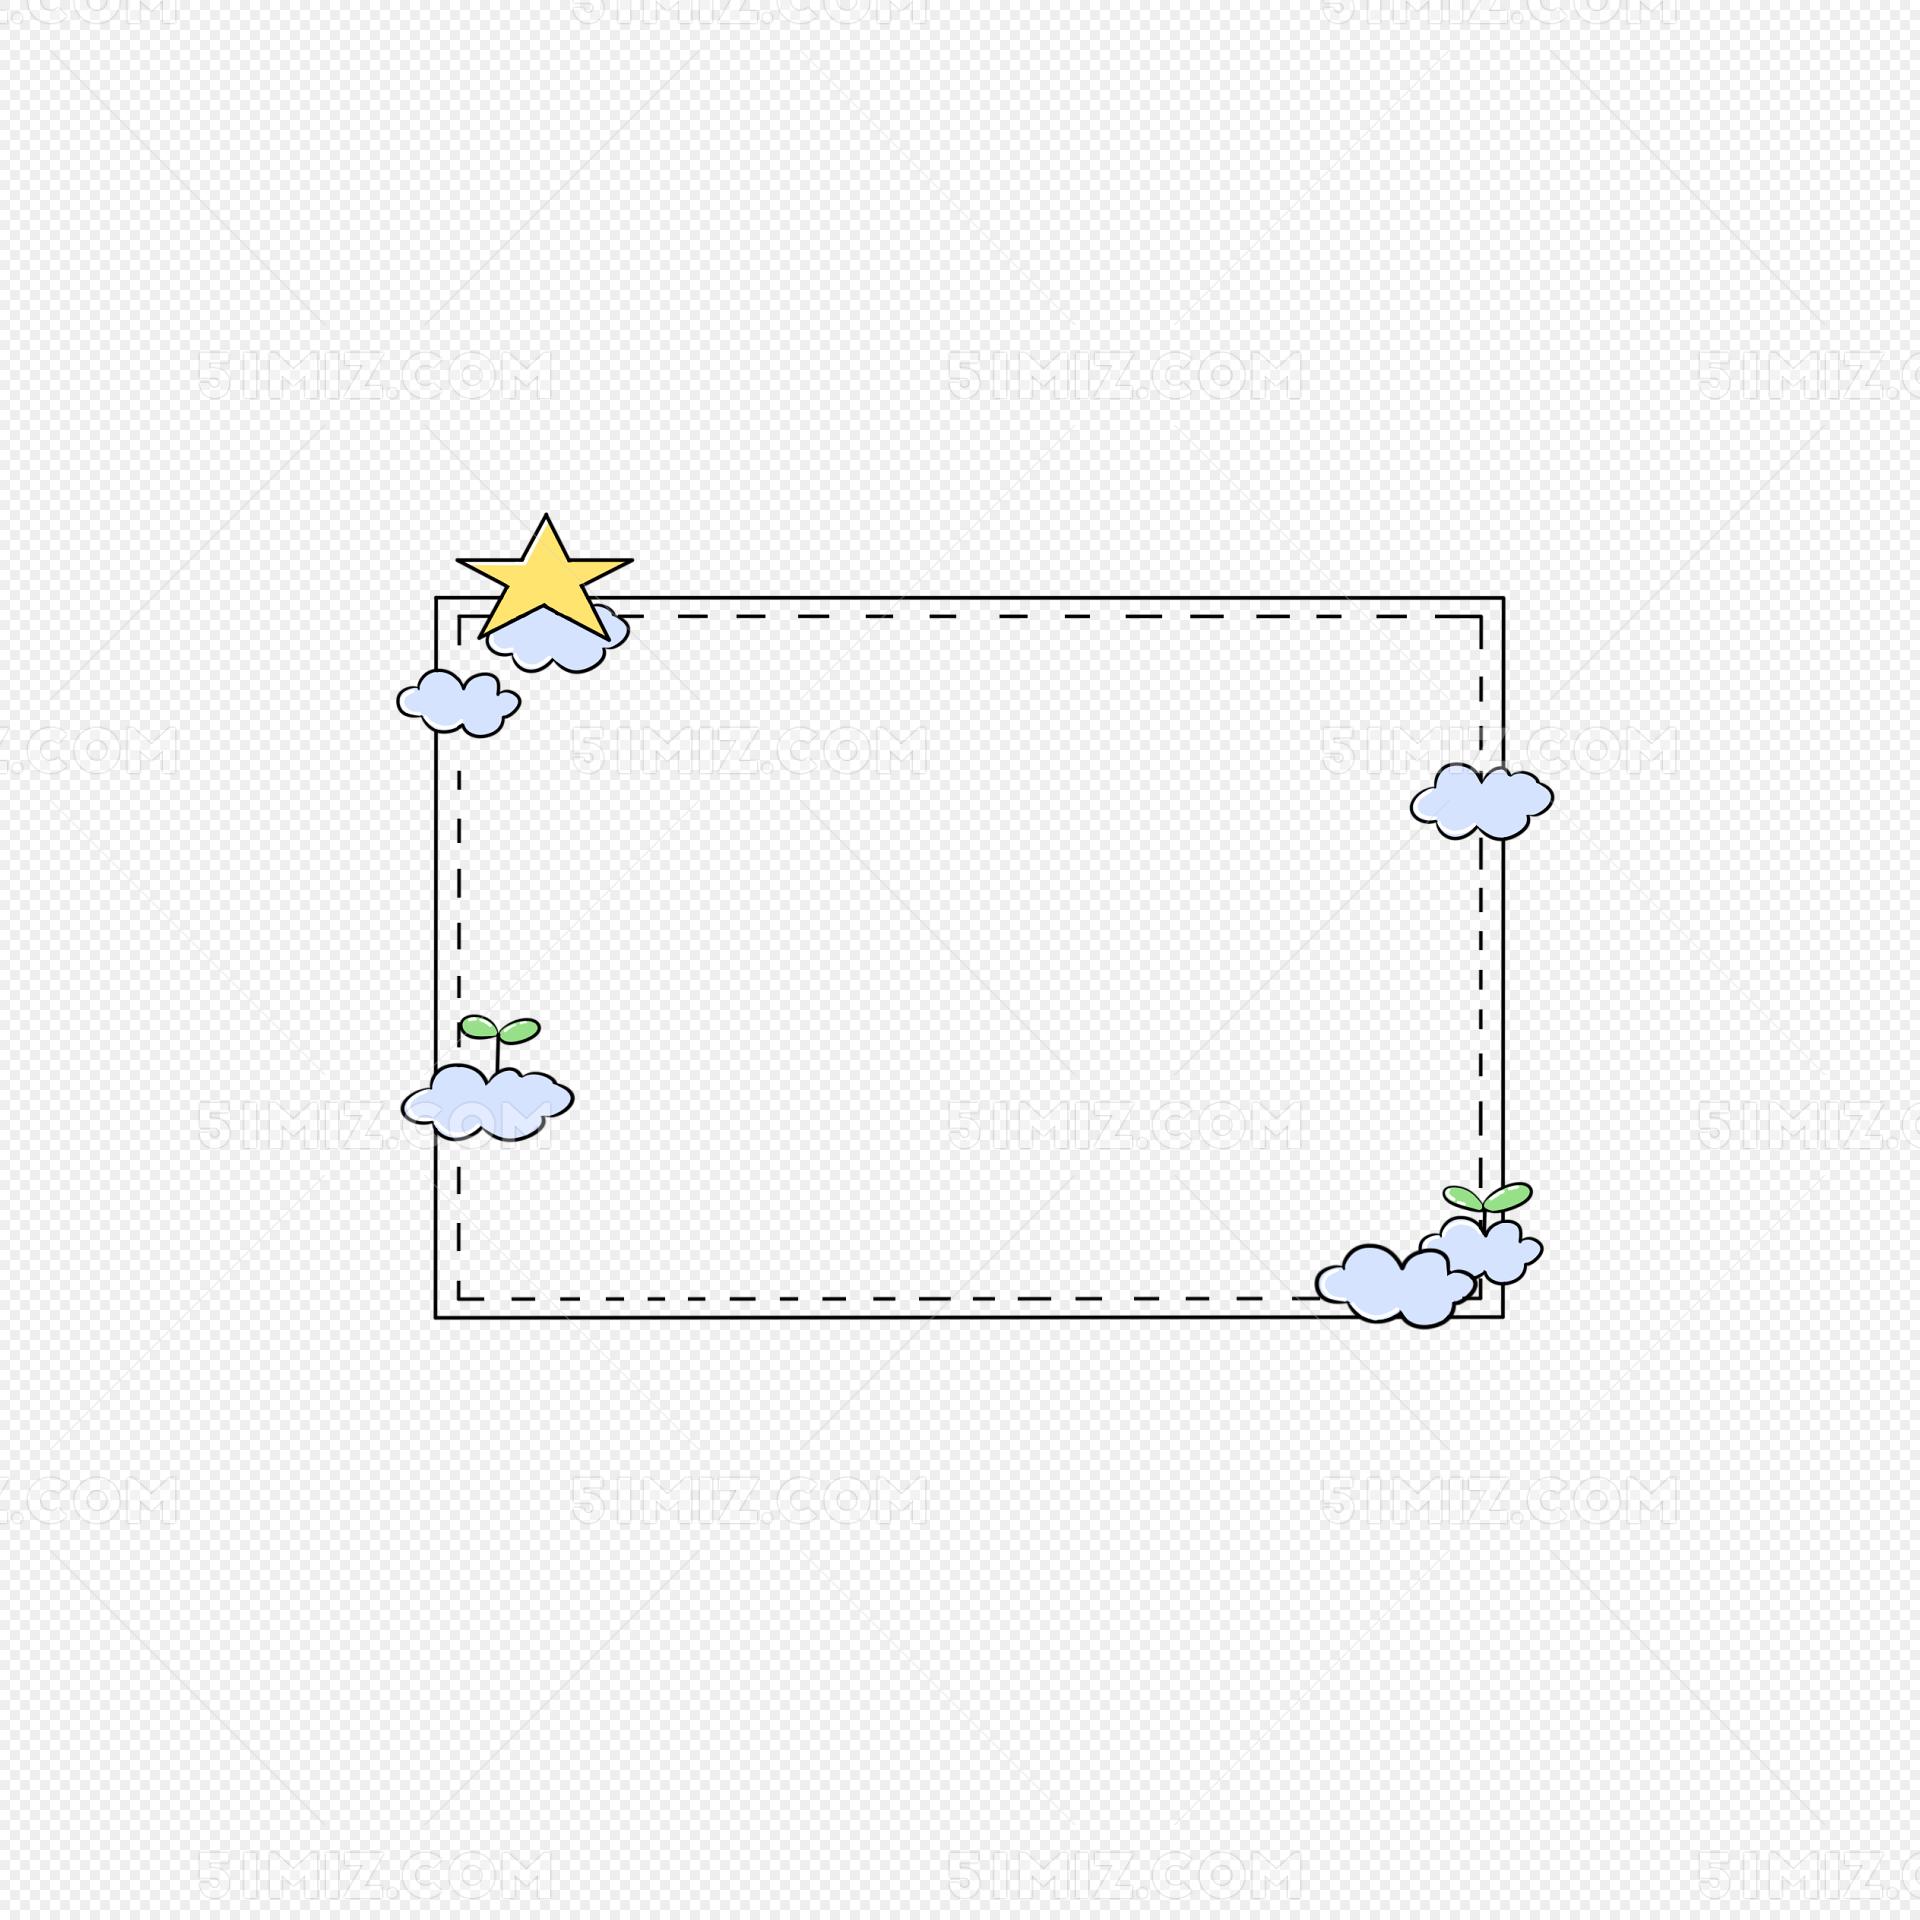 可爱卡通边框手绘插画免费下载 可爱卡通边框 卡通对话框 幼儿园背景